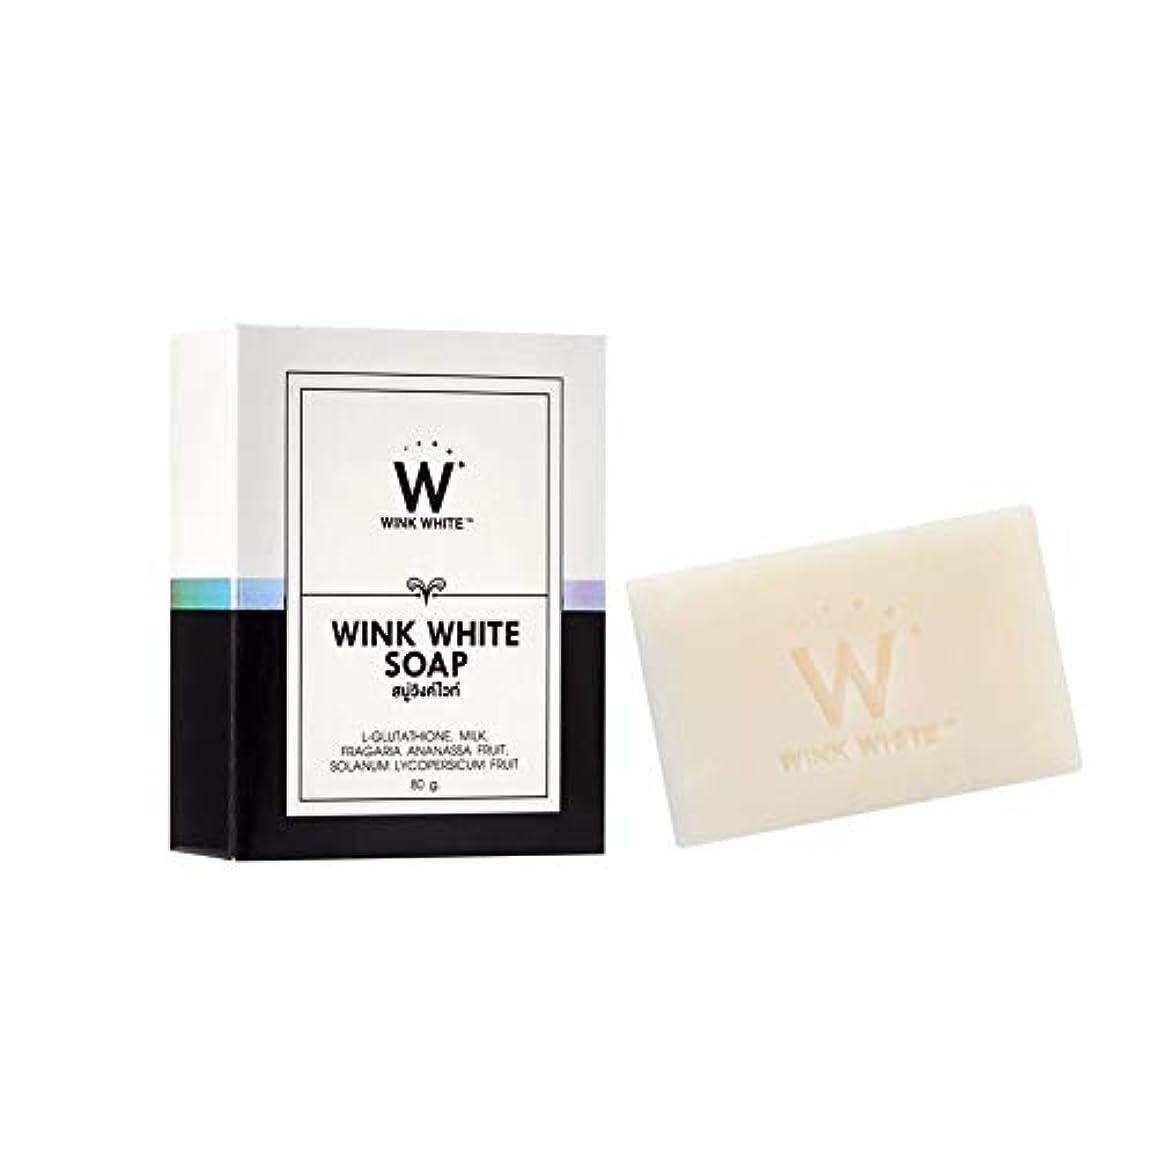 艶期間恨みSoap Net Nature White Soap Base Wink White Soap Gluta Pure Skin Body Whitening Strawberry for Whitening Skin All...